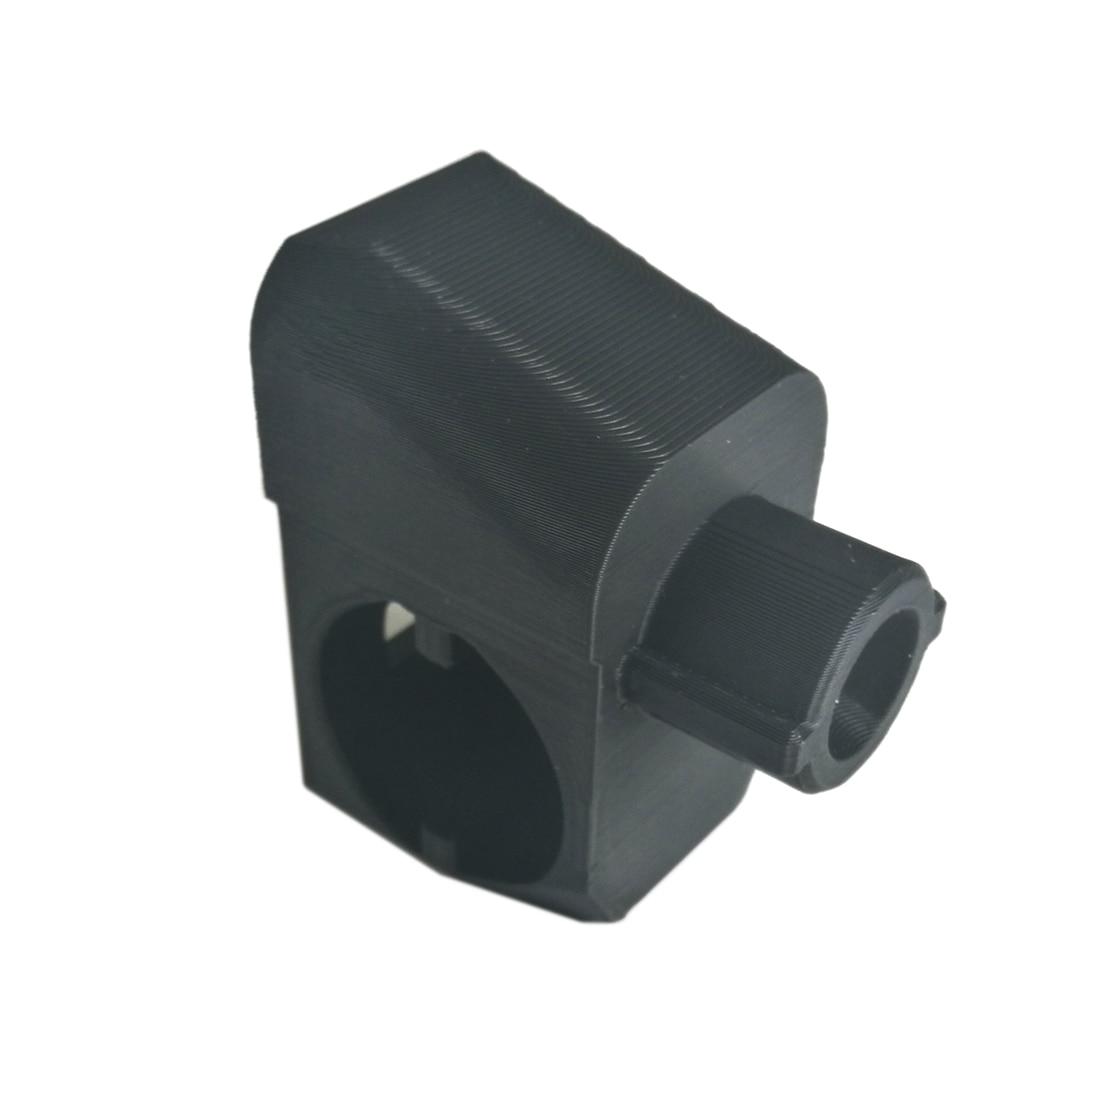 MODIKER PLA DK Adapter rury buforowej do odbiornika Ump45 do JM Gen.9/do rury tylnego bufora AEG-czarny